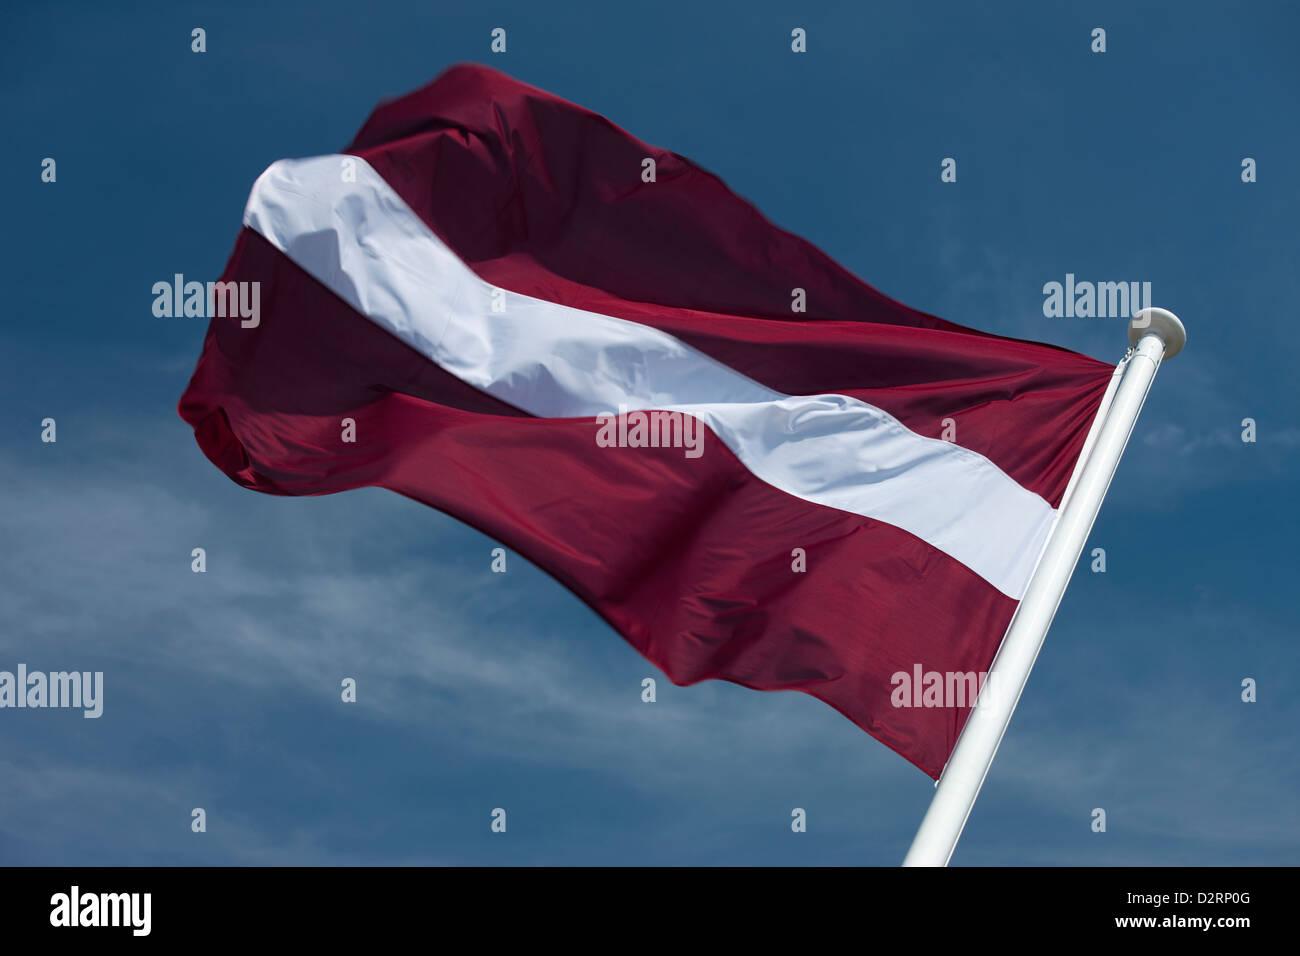 LATVIAN FLAG FLYING ON FLAGPOLE - Stock Image